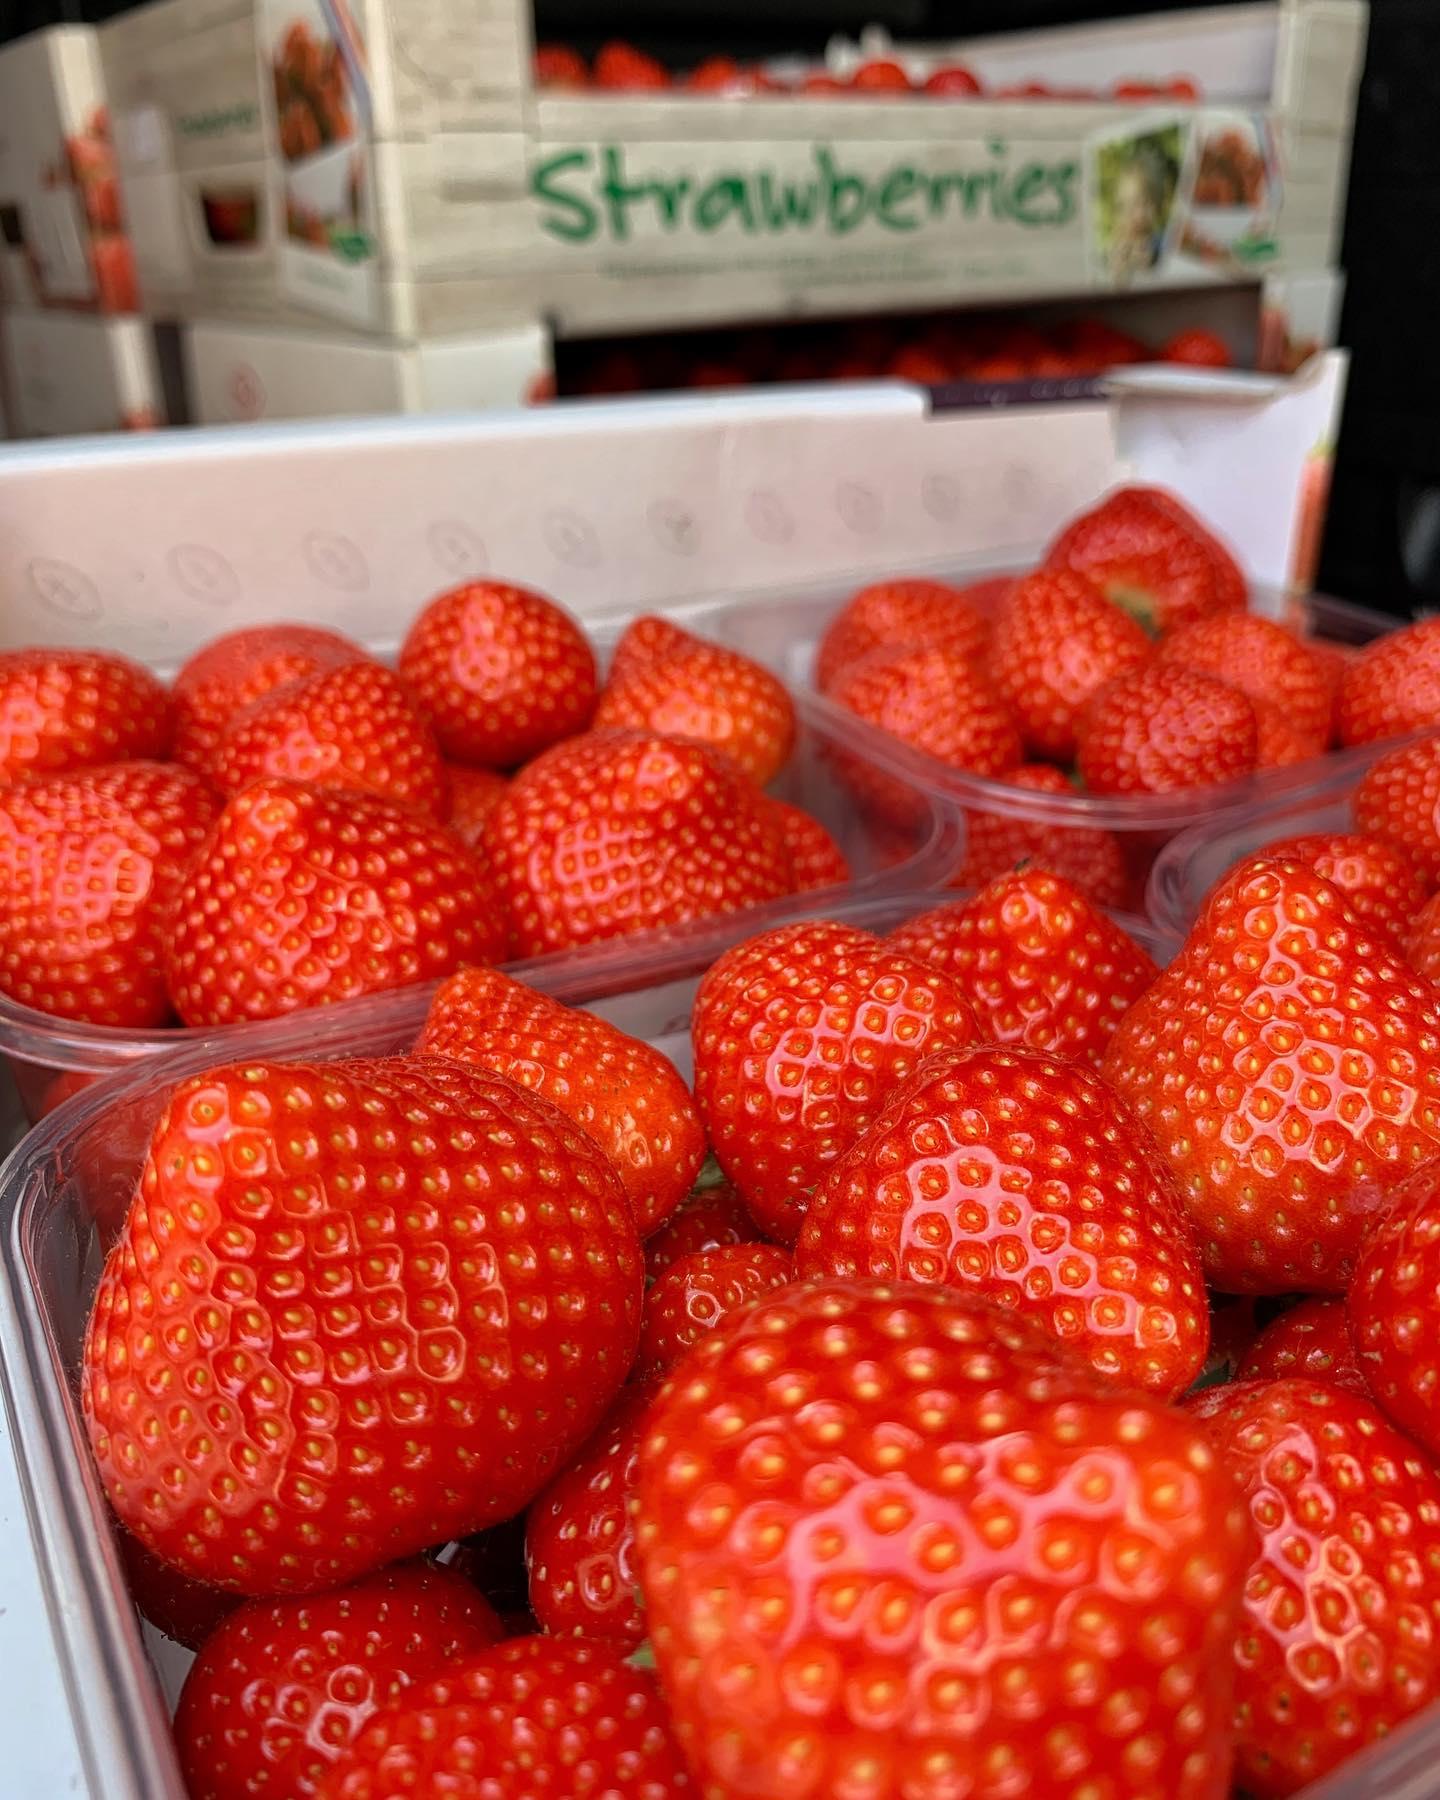 Meerdere keren per week halen wij de meest lekkere en verse aardbeien  bij @harputslagerij in de @dedorpsstraat Alles voor het beste ijs:1️⃣ Plukken, met de hand (!)2️⃣ Pureren 3️⃣ Bereiden4️⃣ Genieten 🔄 Repeat